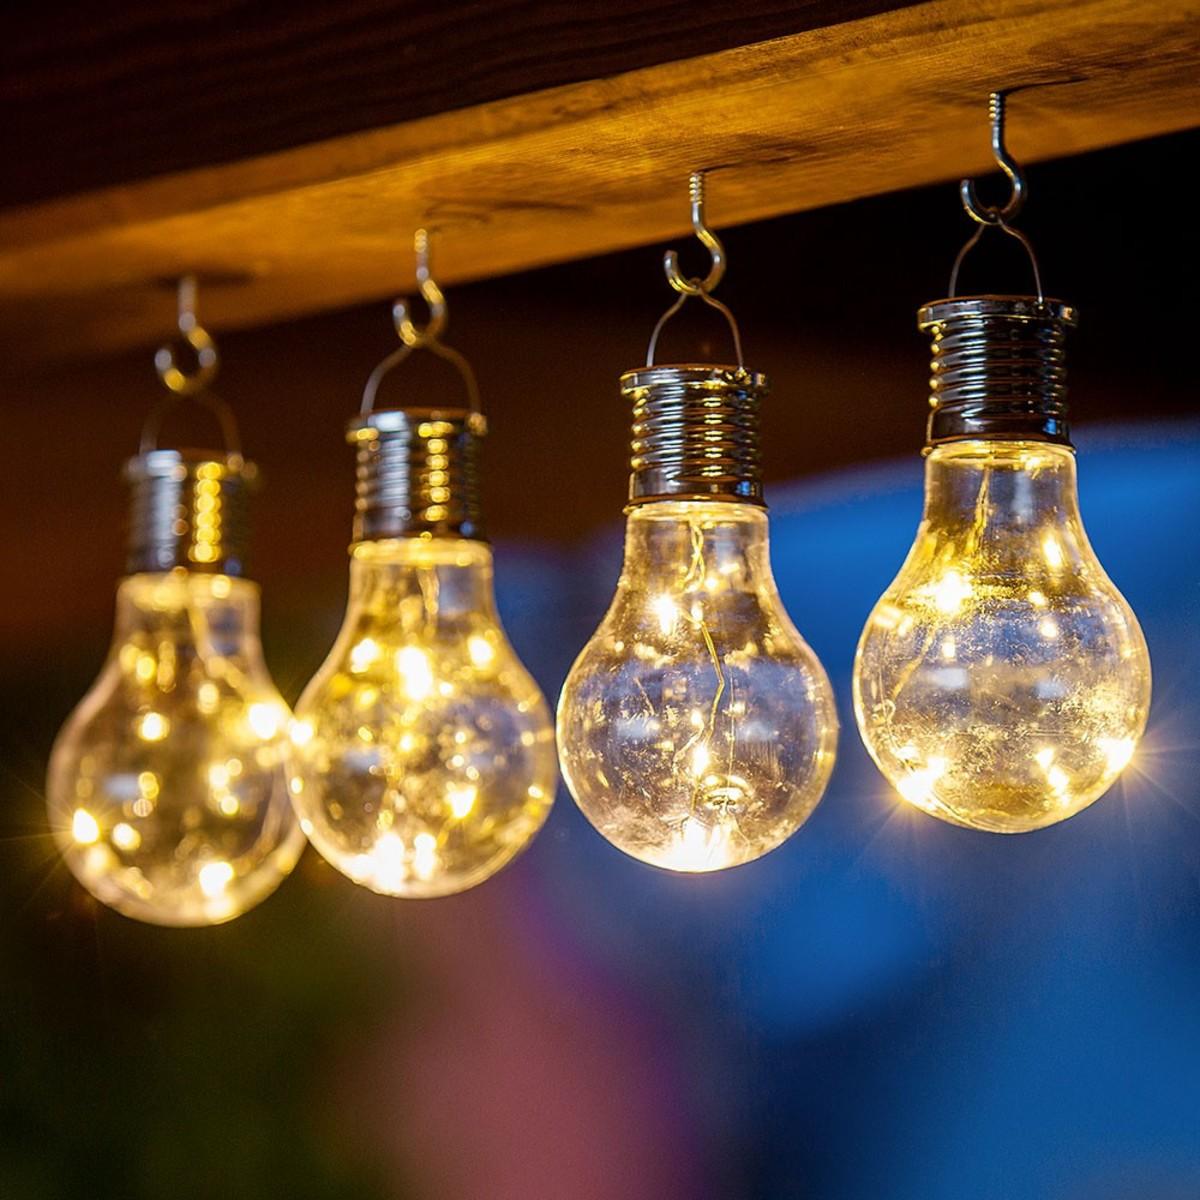 Bild 1 von I-Glow LED Solar Partybirnen 4er-Set - Warmweiß